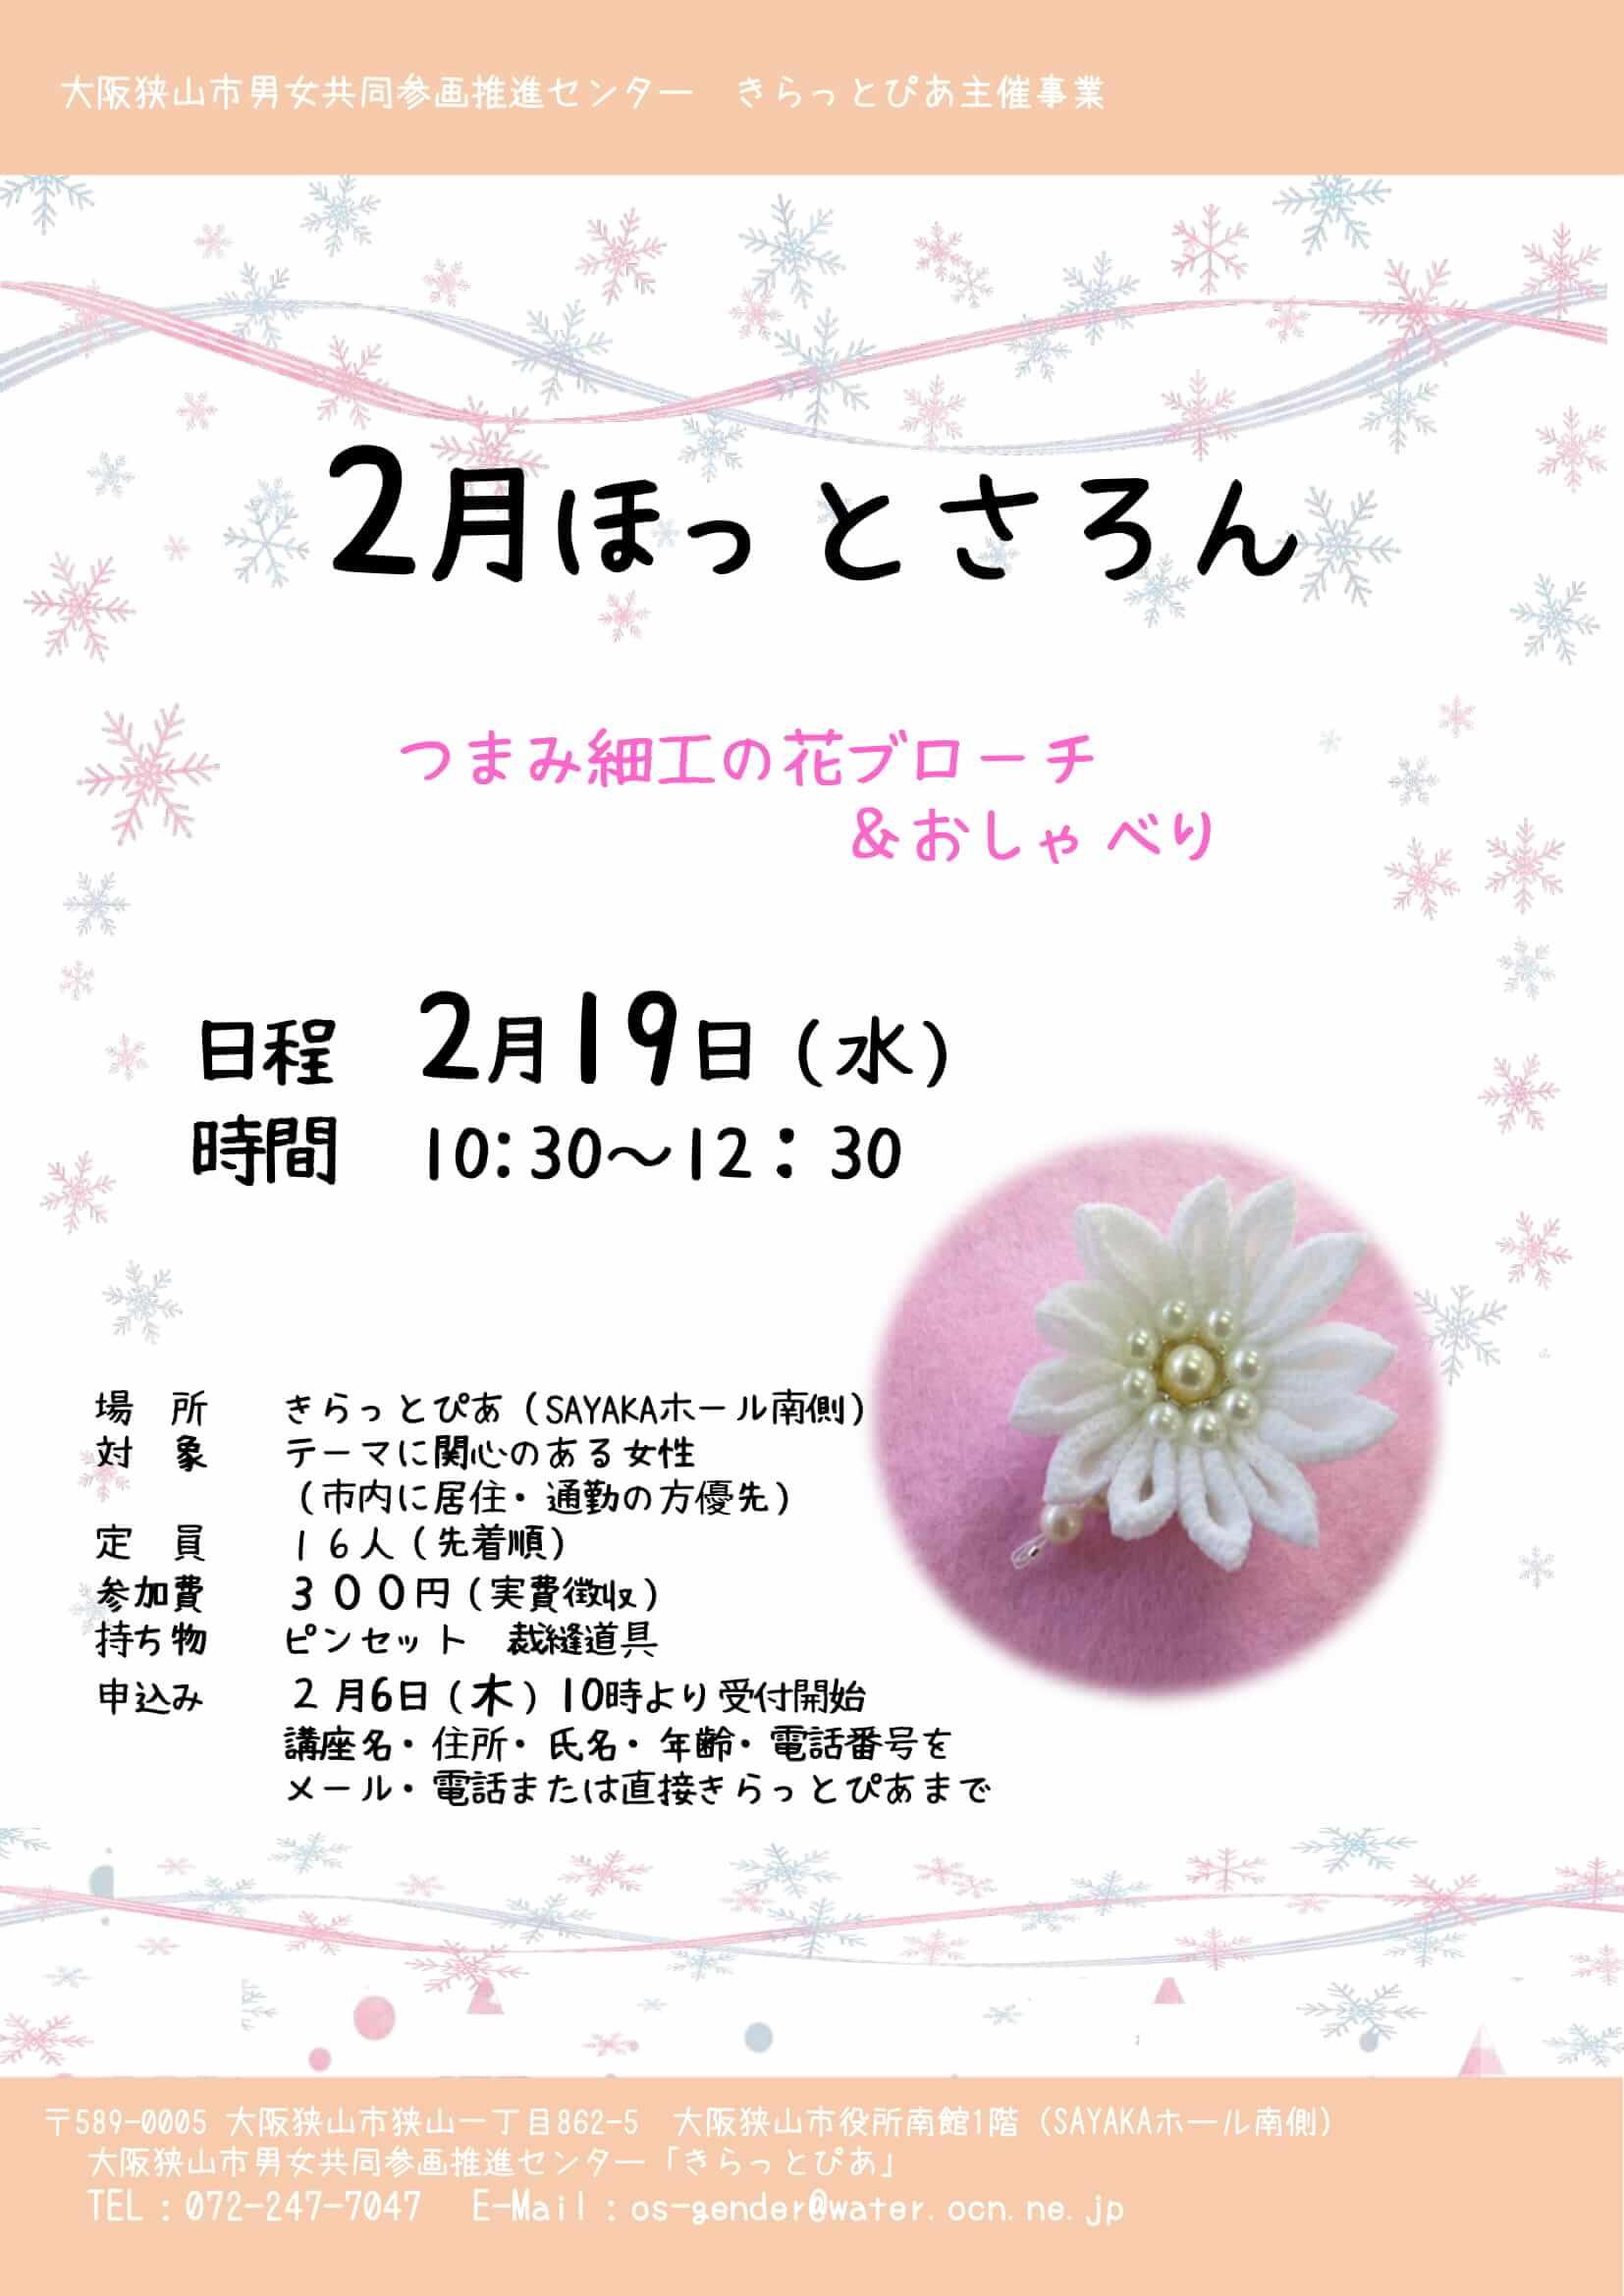 【2月のほっとさろん】つまみ細工の花ブローチ&おしゃべり